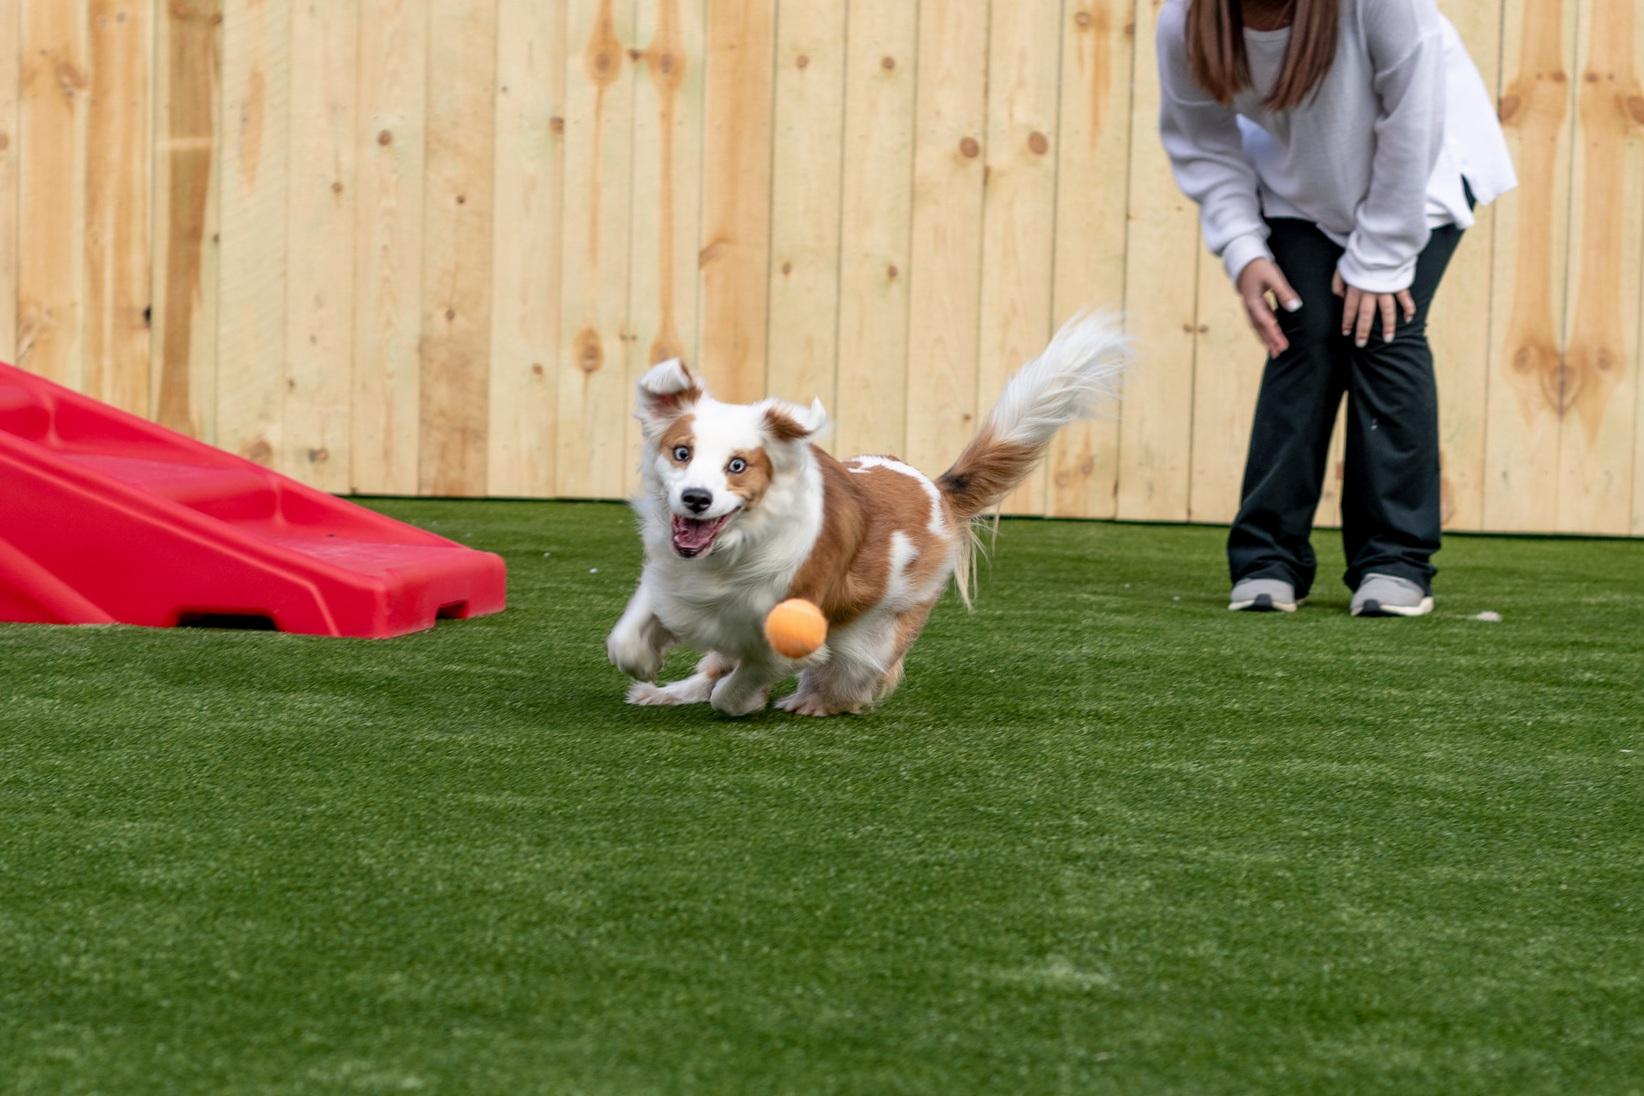 dog - Daycare